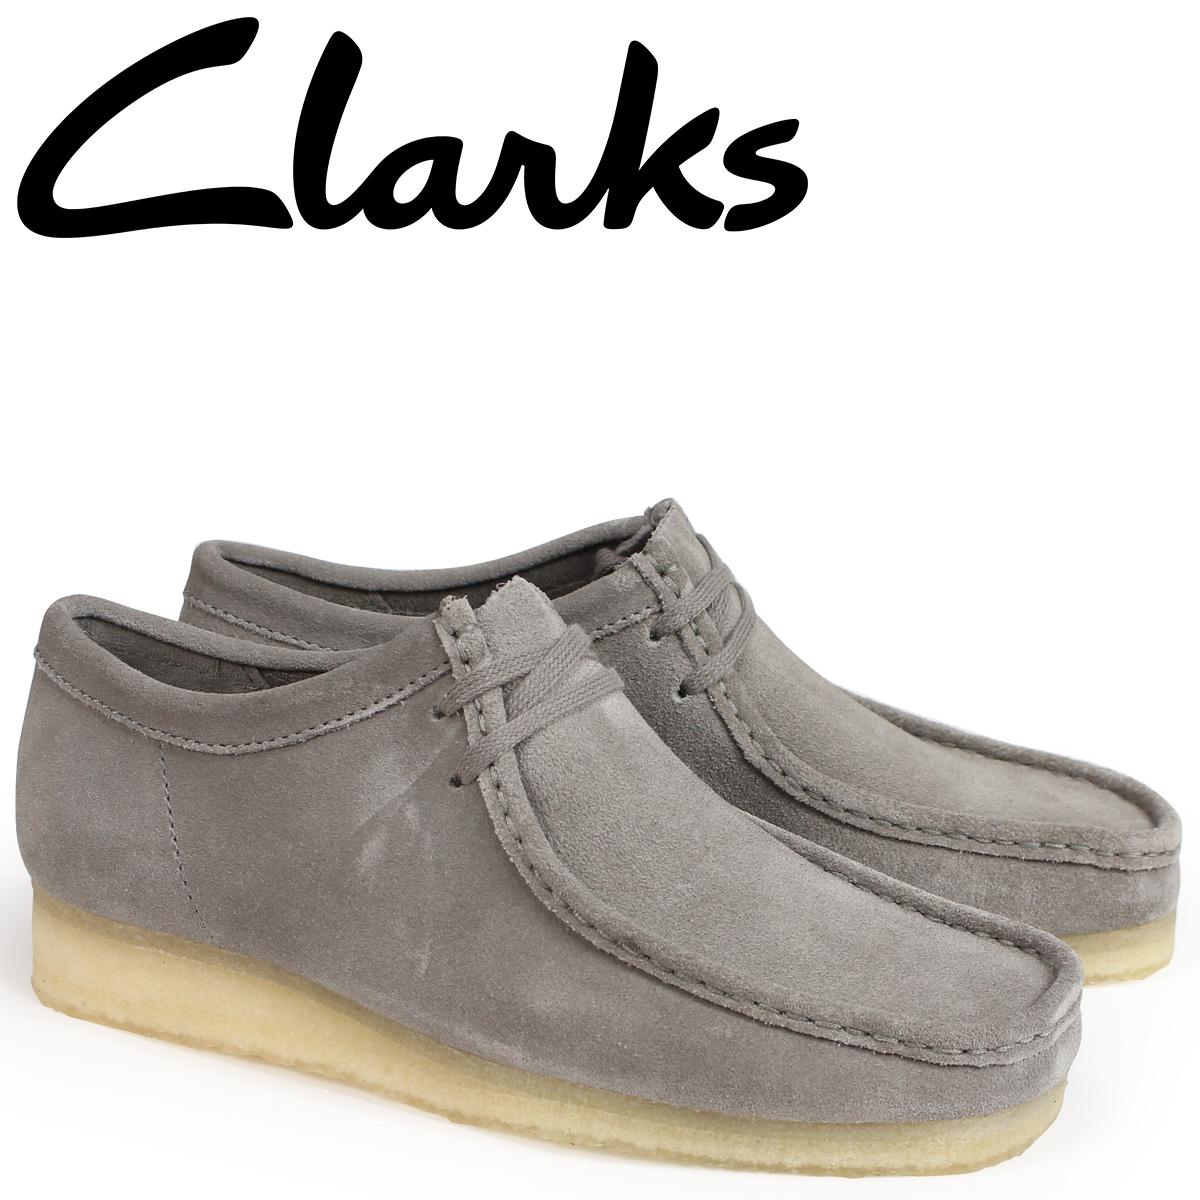 クラークス ワラビー ブーツ メンズ Clarks WALLABEE 26134752 グレー [9/19 新入荷]